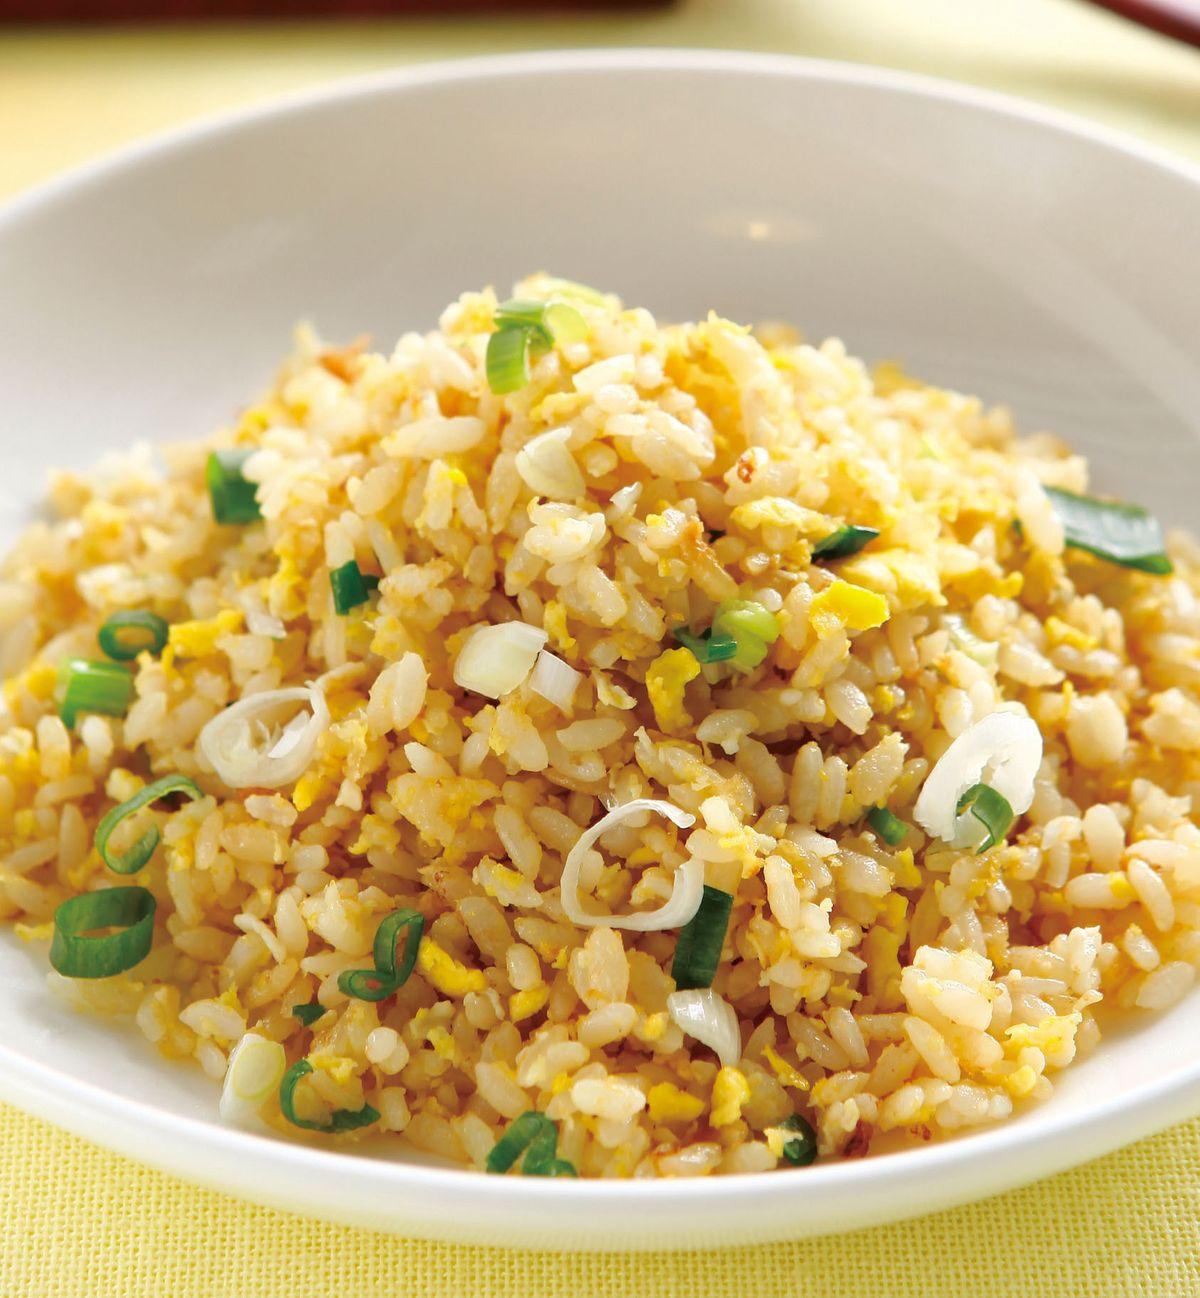 食譜:醬油蛋炒飯